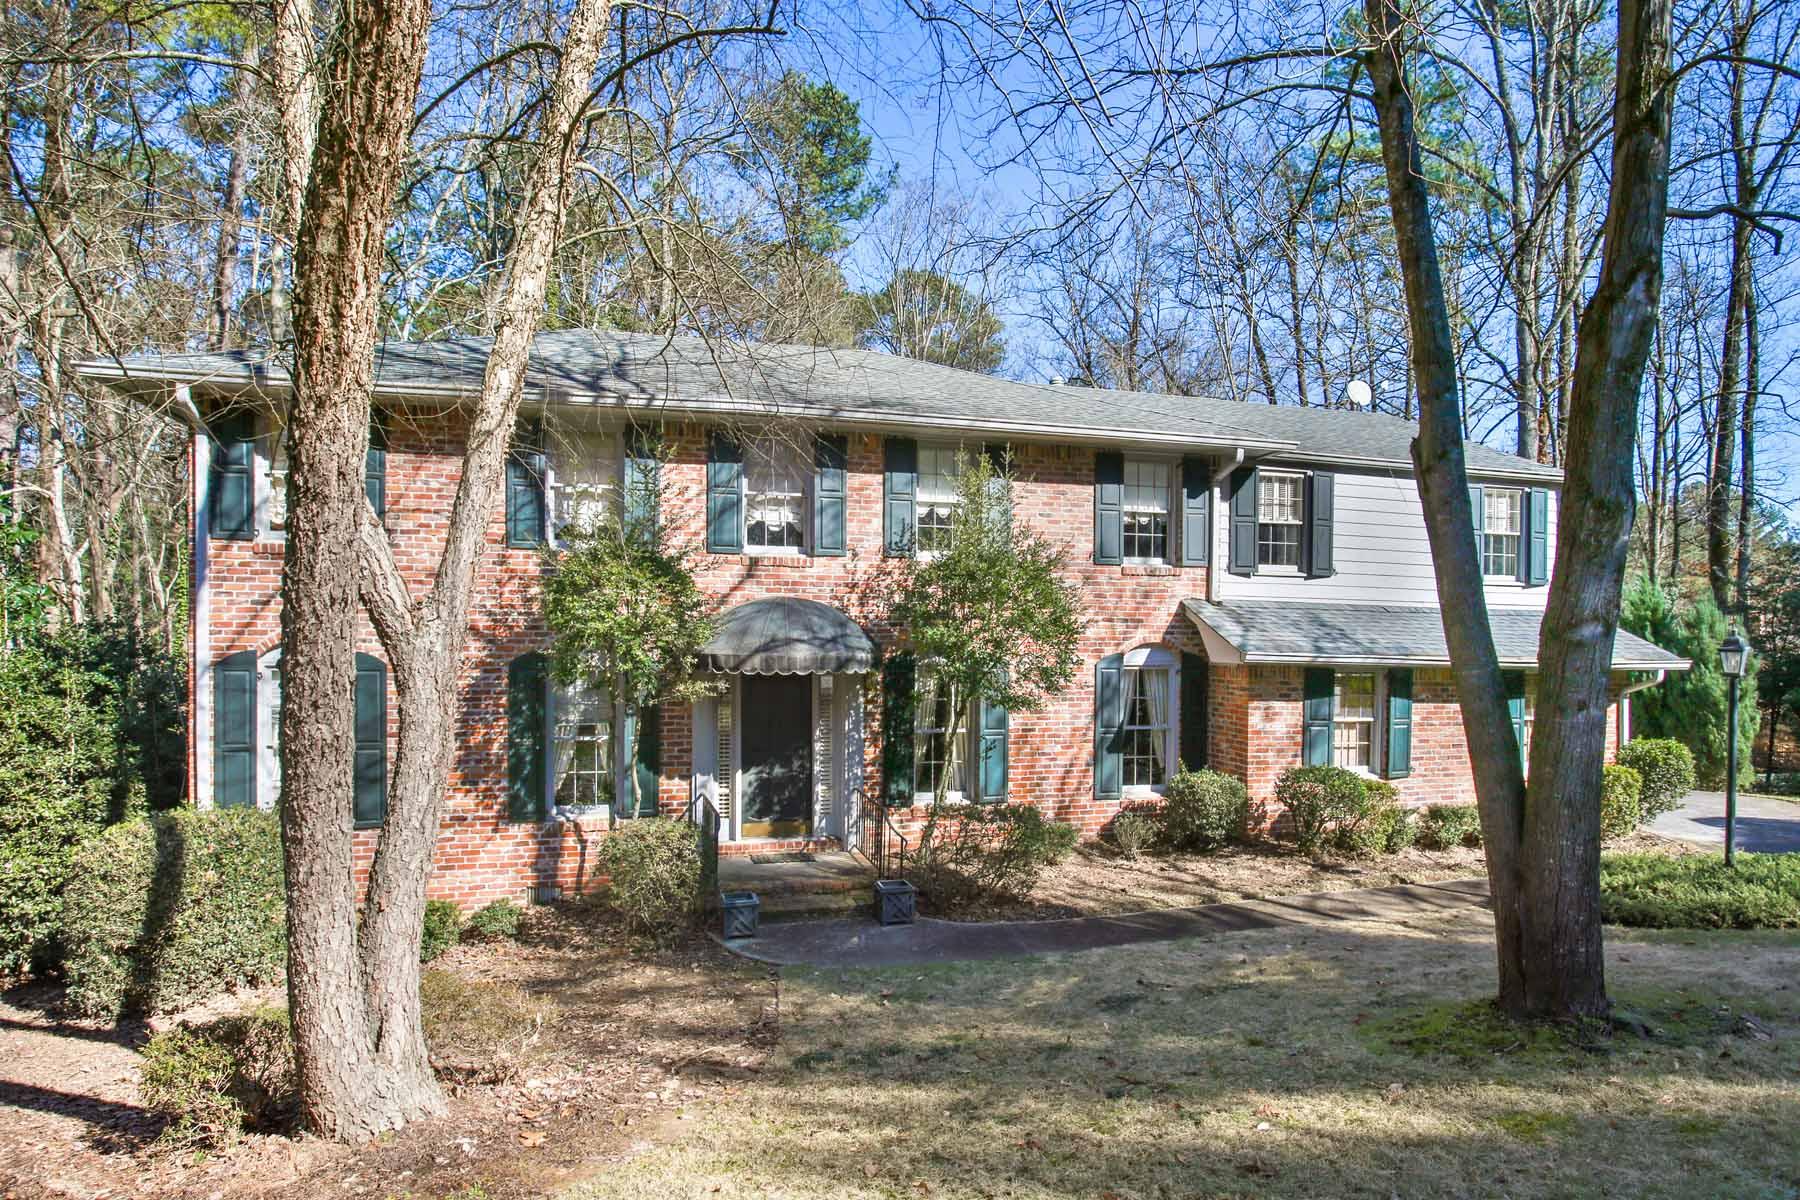 一戸建て のために 売買 アット Outstanding Opportunity in Dunwoody 5542 Whitewood Court Atlanta, ジョージア 30338 アメリカ合衆国